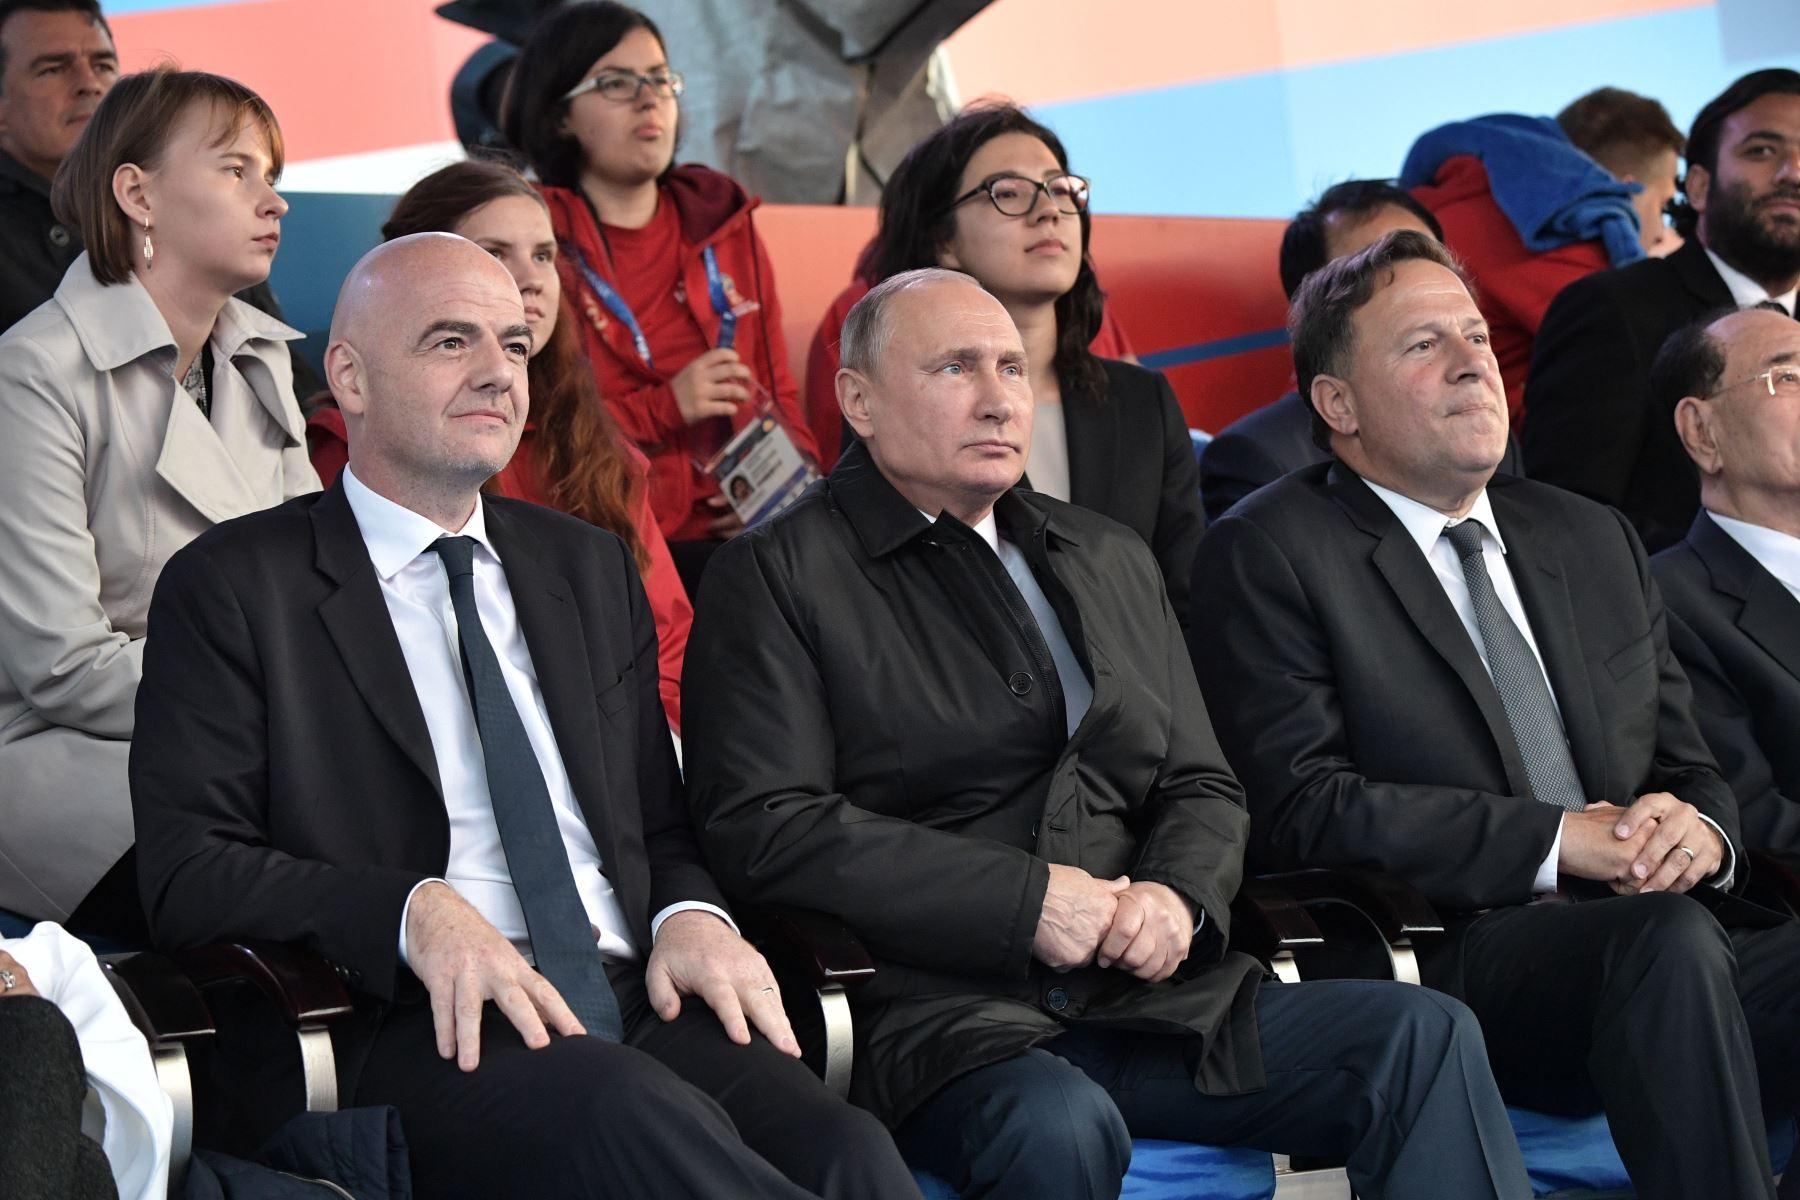 El presidente de la FIFA Gianni Infantino, el presidente ruso Vladimir Putin y el presidente panameño Juan Carlos Varela asisten a un concierto de gala dedicado al torneo de fútbol de la Copa Mundial Rusia 2018 en la Plaza Roja de Moscú el 13 de junio de 2018. Foto: AFP